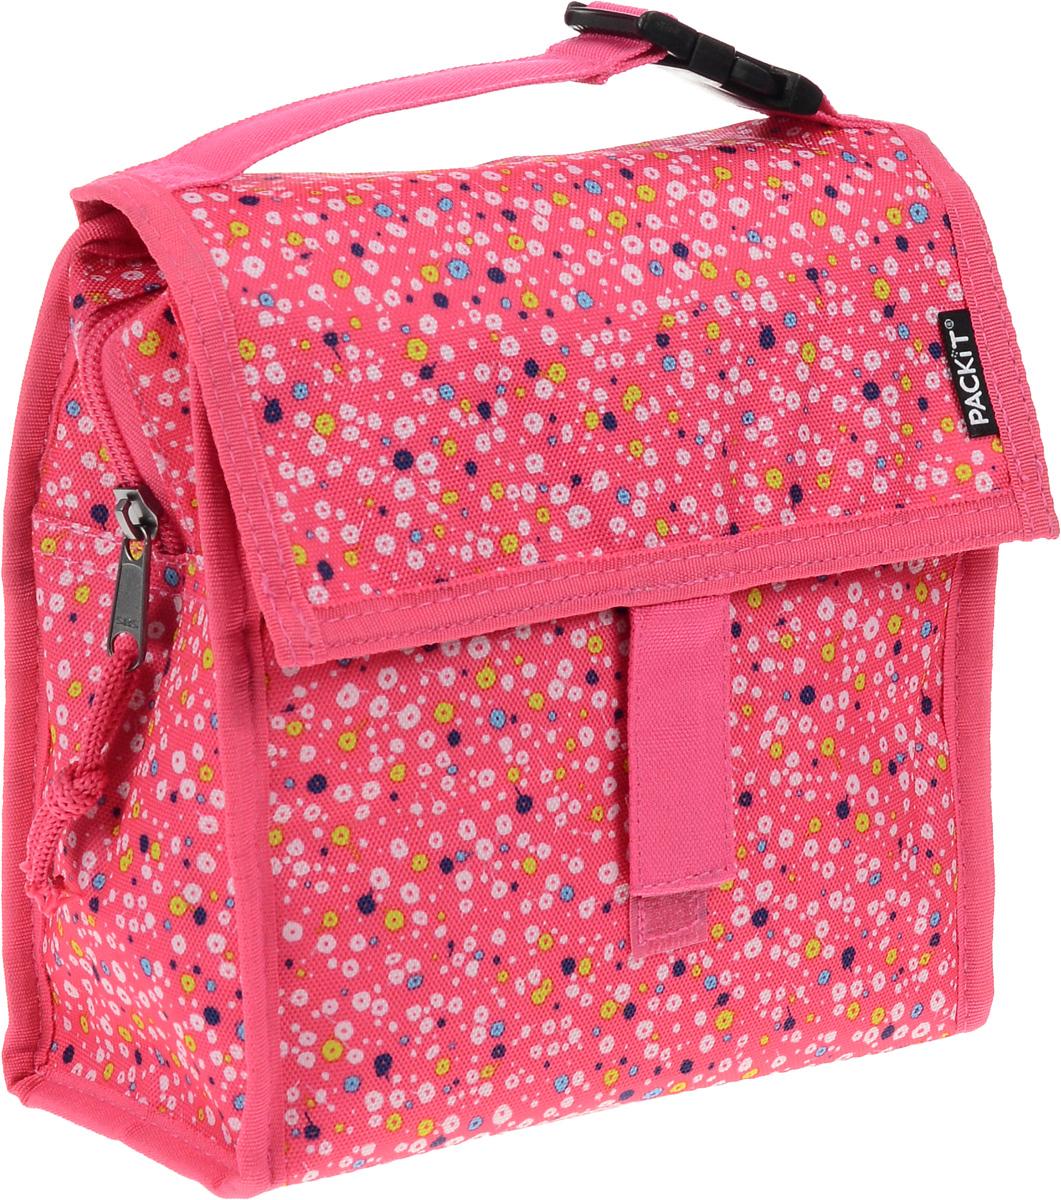 Сумка-холодильник Packit Lunch Bag, складная, цвет: розовый, белый, синий, 2 лК305_розовыйСумка - холодильник Packit Lunch Bag предназначена для транспортировки и х ранения продуктов и напитков. Сумка изготовлена из ПВХ, BPA - Free (без содержания бисфенол А), внутренняя поверхность - из специального термоизоляционного материала, который надежно удерживает холод внутри. Для удобной переноски сумка снабжена ручкой с пластиковой защелкой. Сумка - холодильник закрывается на застежку молнию и фиксируется липучками.Охлаждение содержимых в сумке продуктов в течение 10-12 часов. Рекомендуется ручная стирка.Размер сумки: 20 х 9,5 х 19 см.